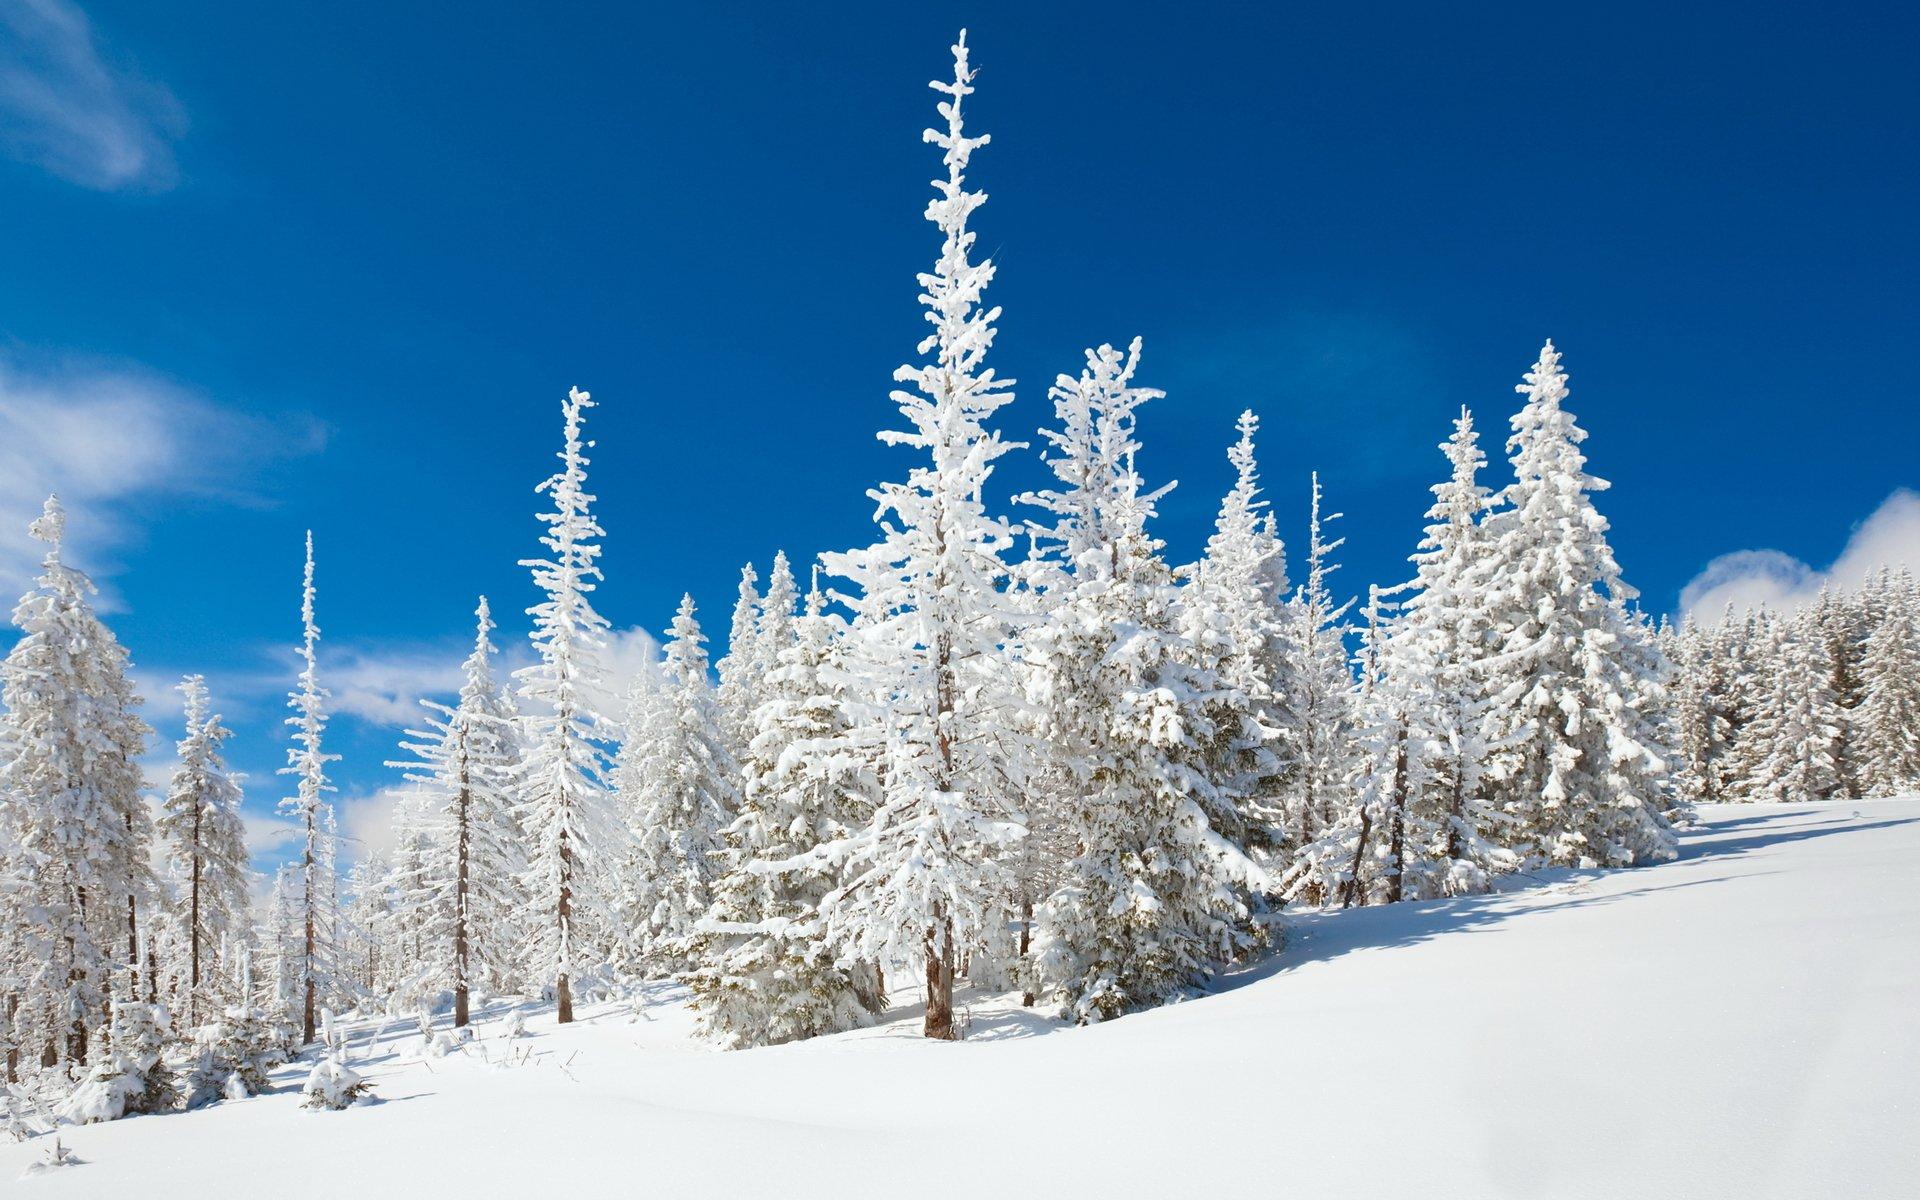 Племянником тете, зимний лес картинки сохранить